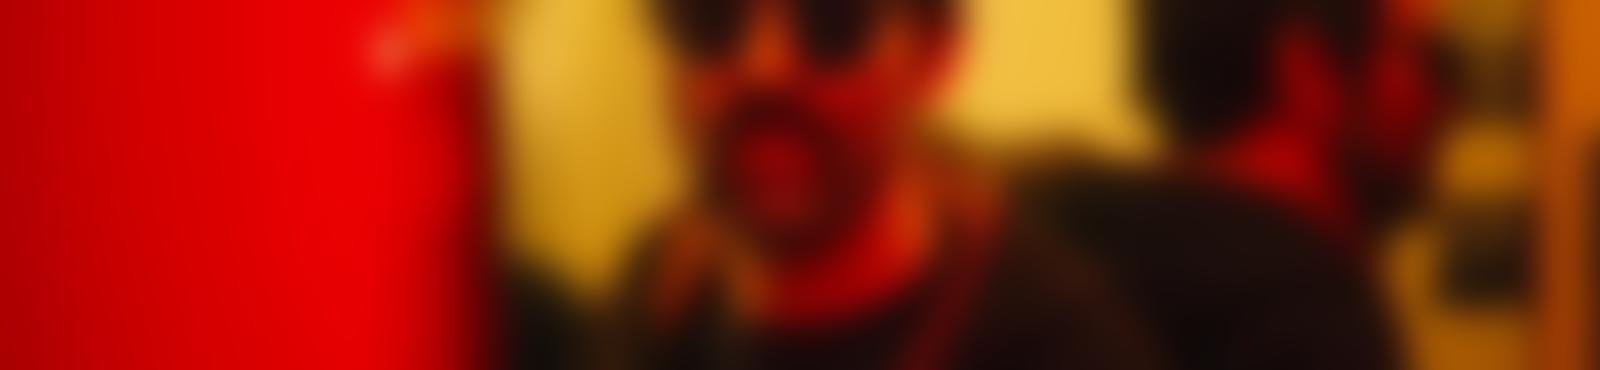 Blurred 2f96b391 c434 4498 a082 e6b5374756e4